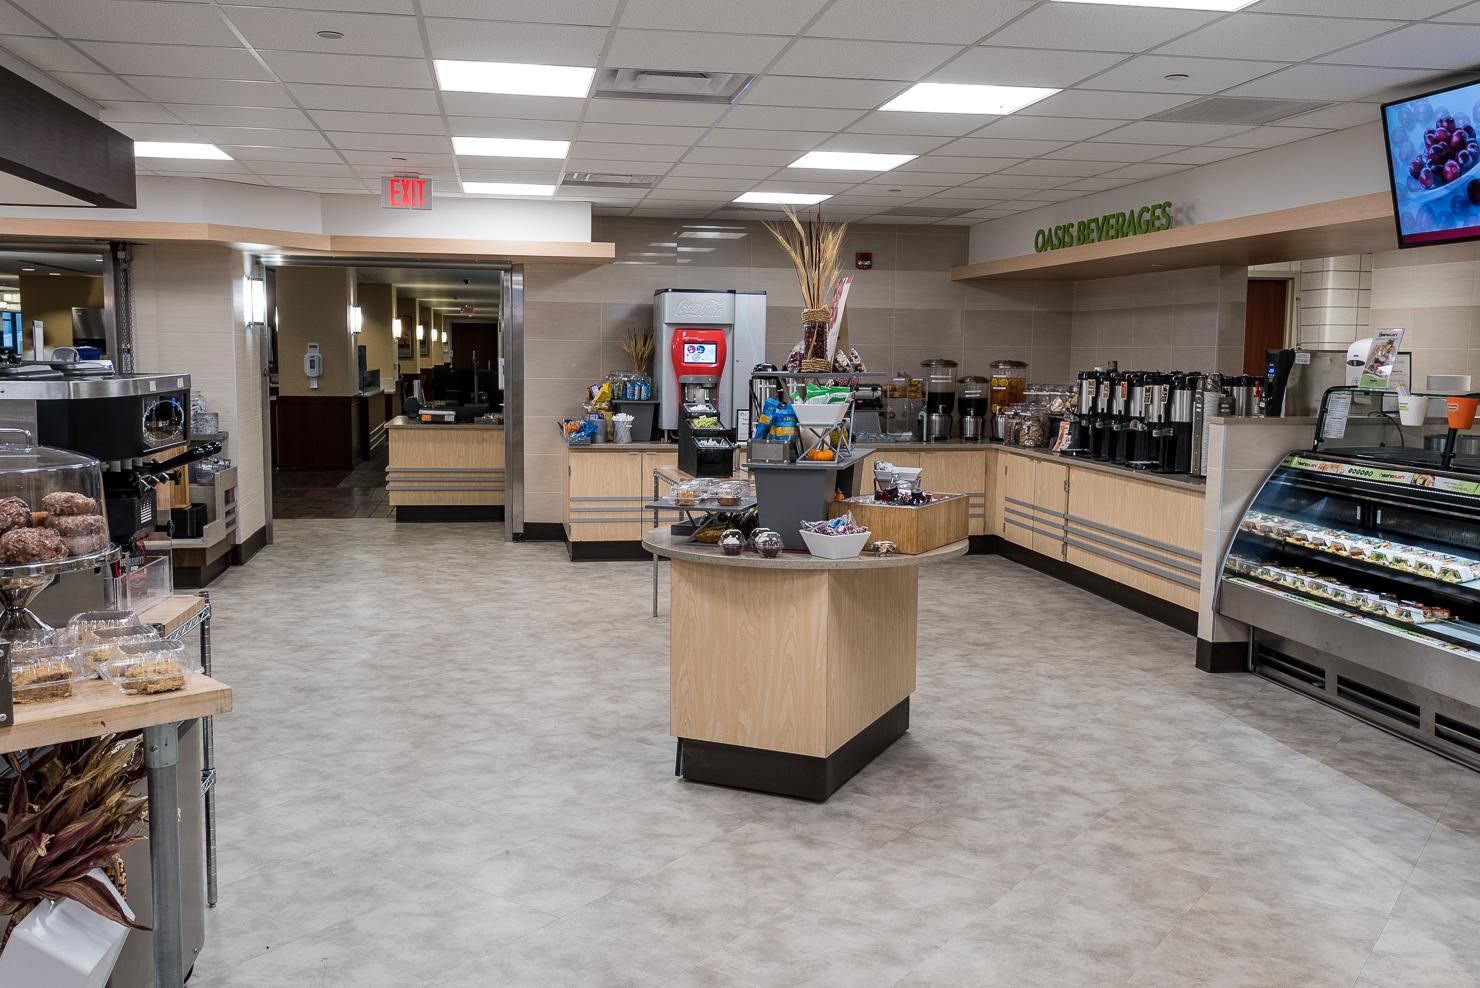 0011_Hartford_Hospital-695.jpg